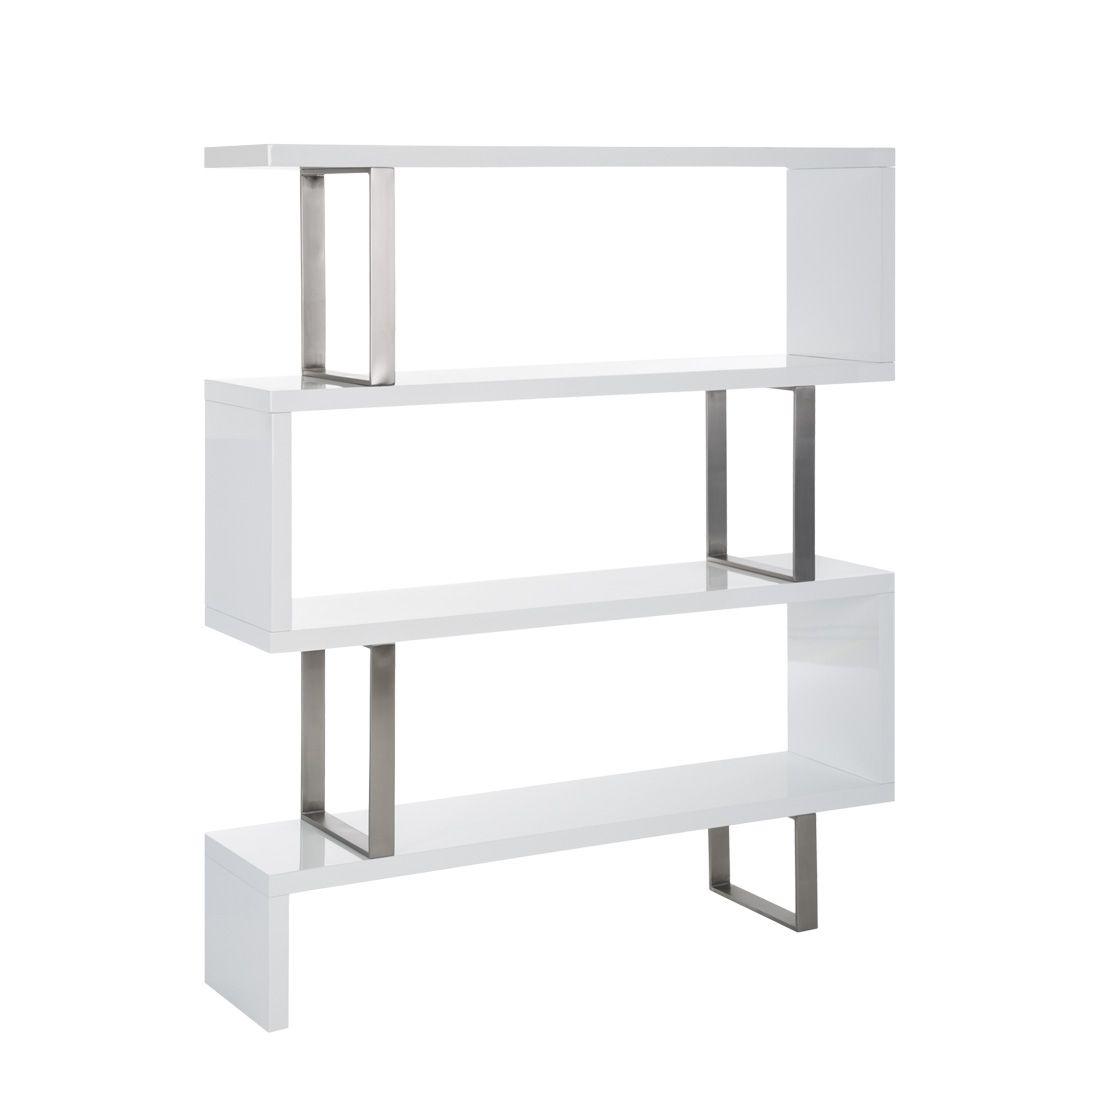 Wohnzimmer Regal Weiss Hochglanz Living Room Shelves Shelves Room Shelves